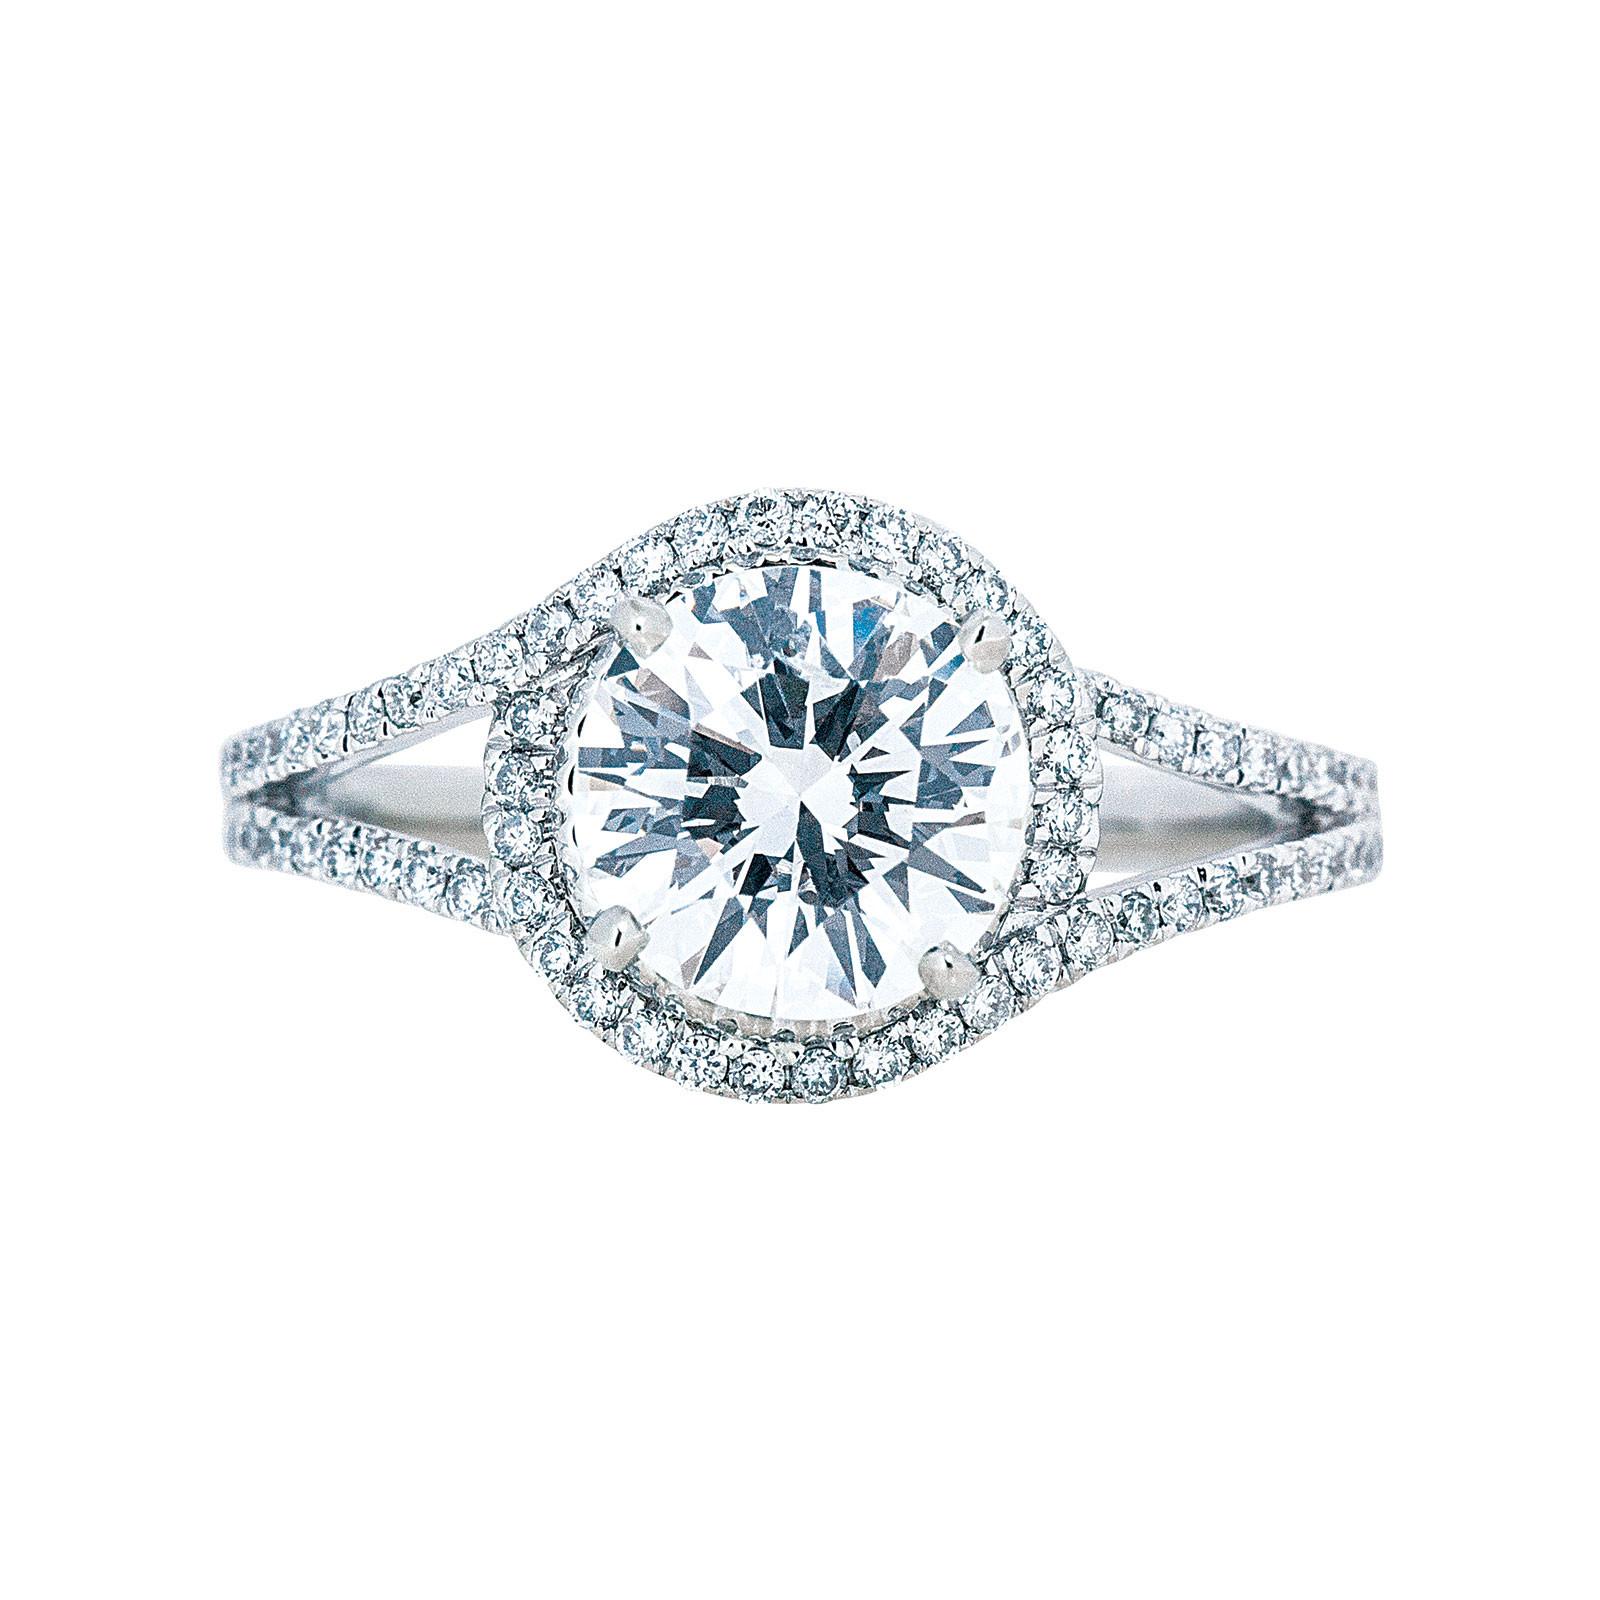 New Venetti 1.97 CTW Diamond Engagement Ring